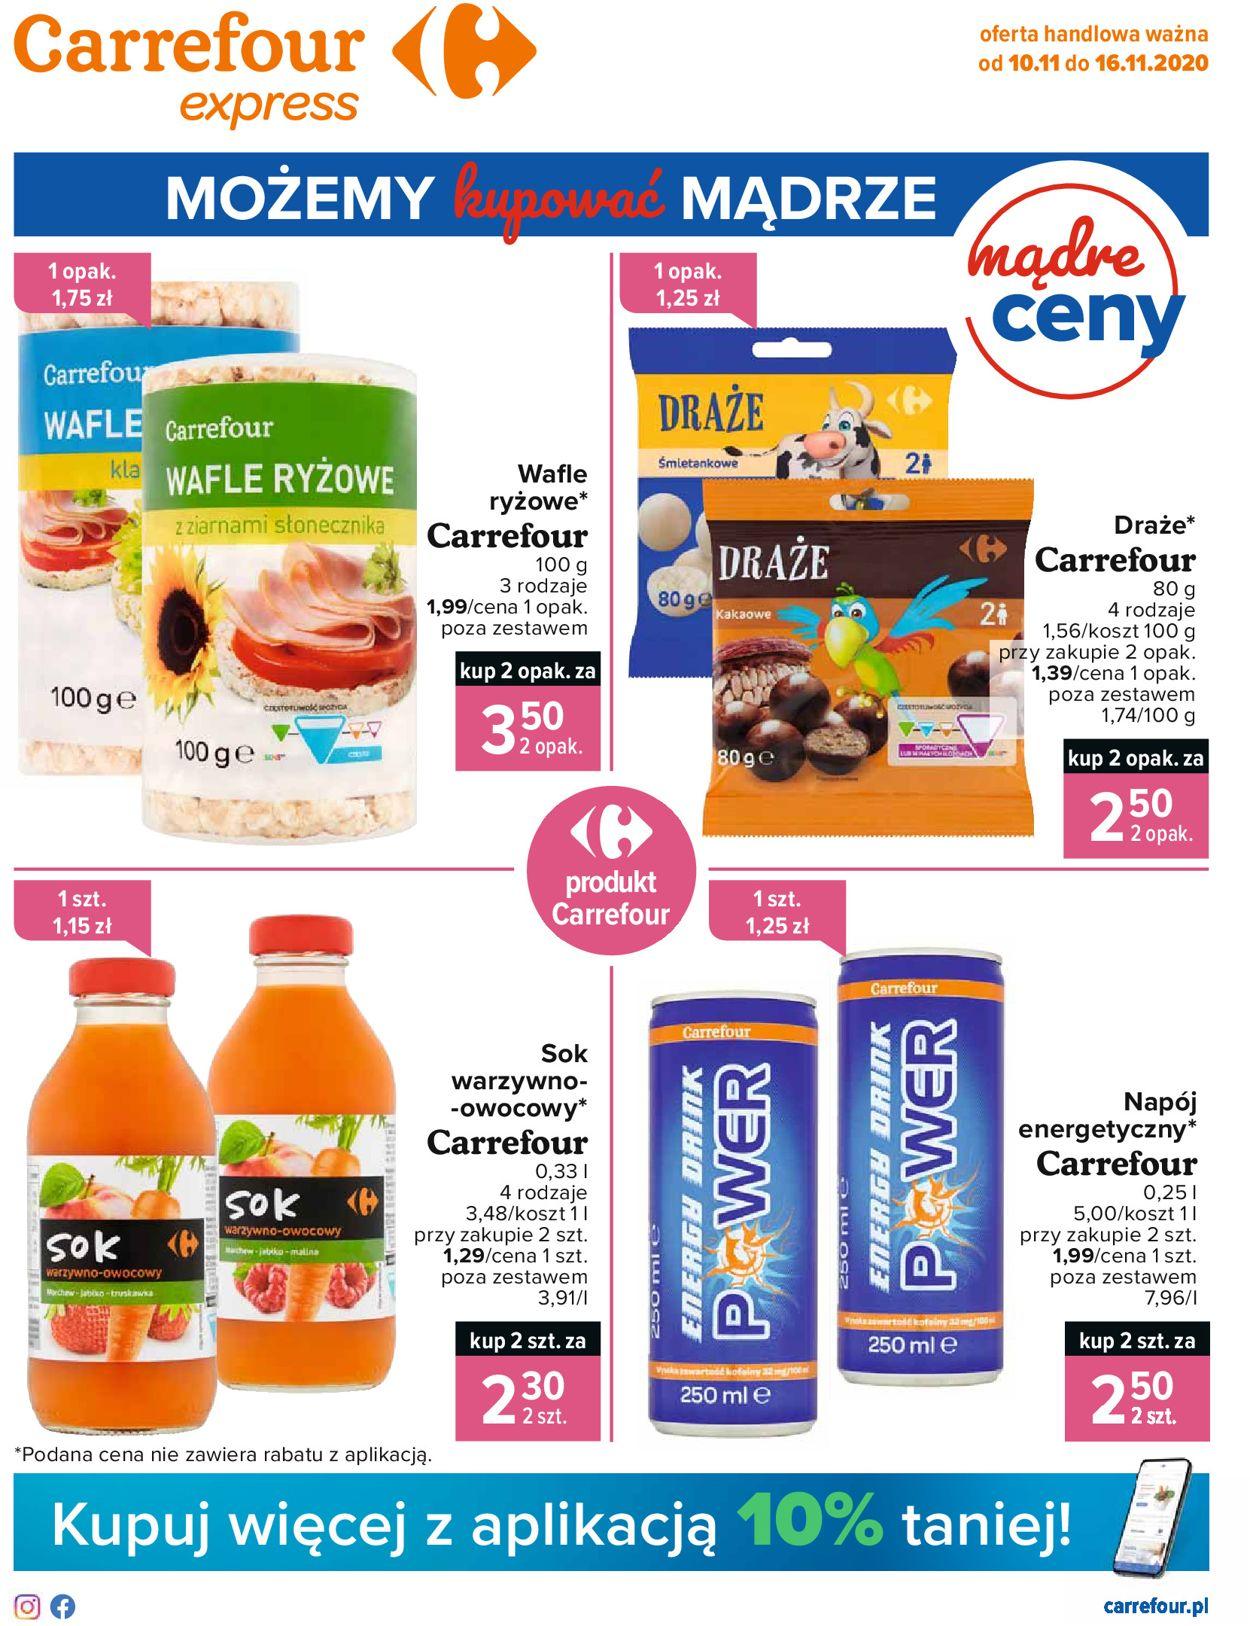 Gazetka promocyjna Carrefour Express - 10.11-16.11.2020